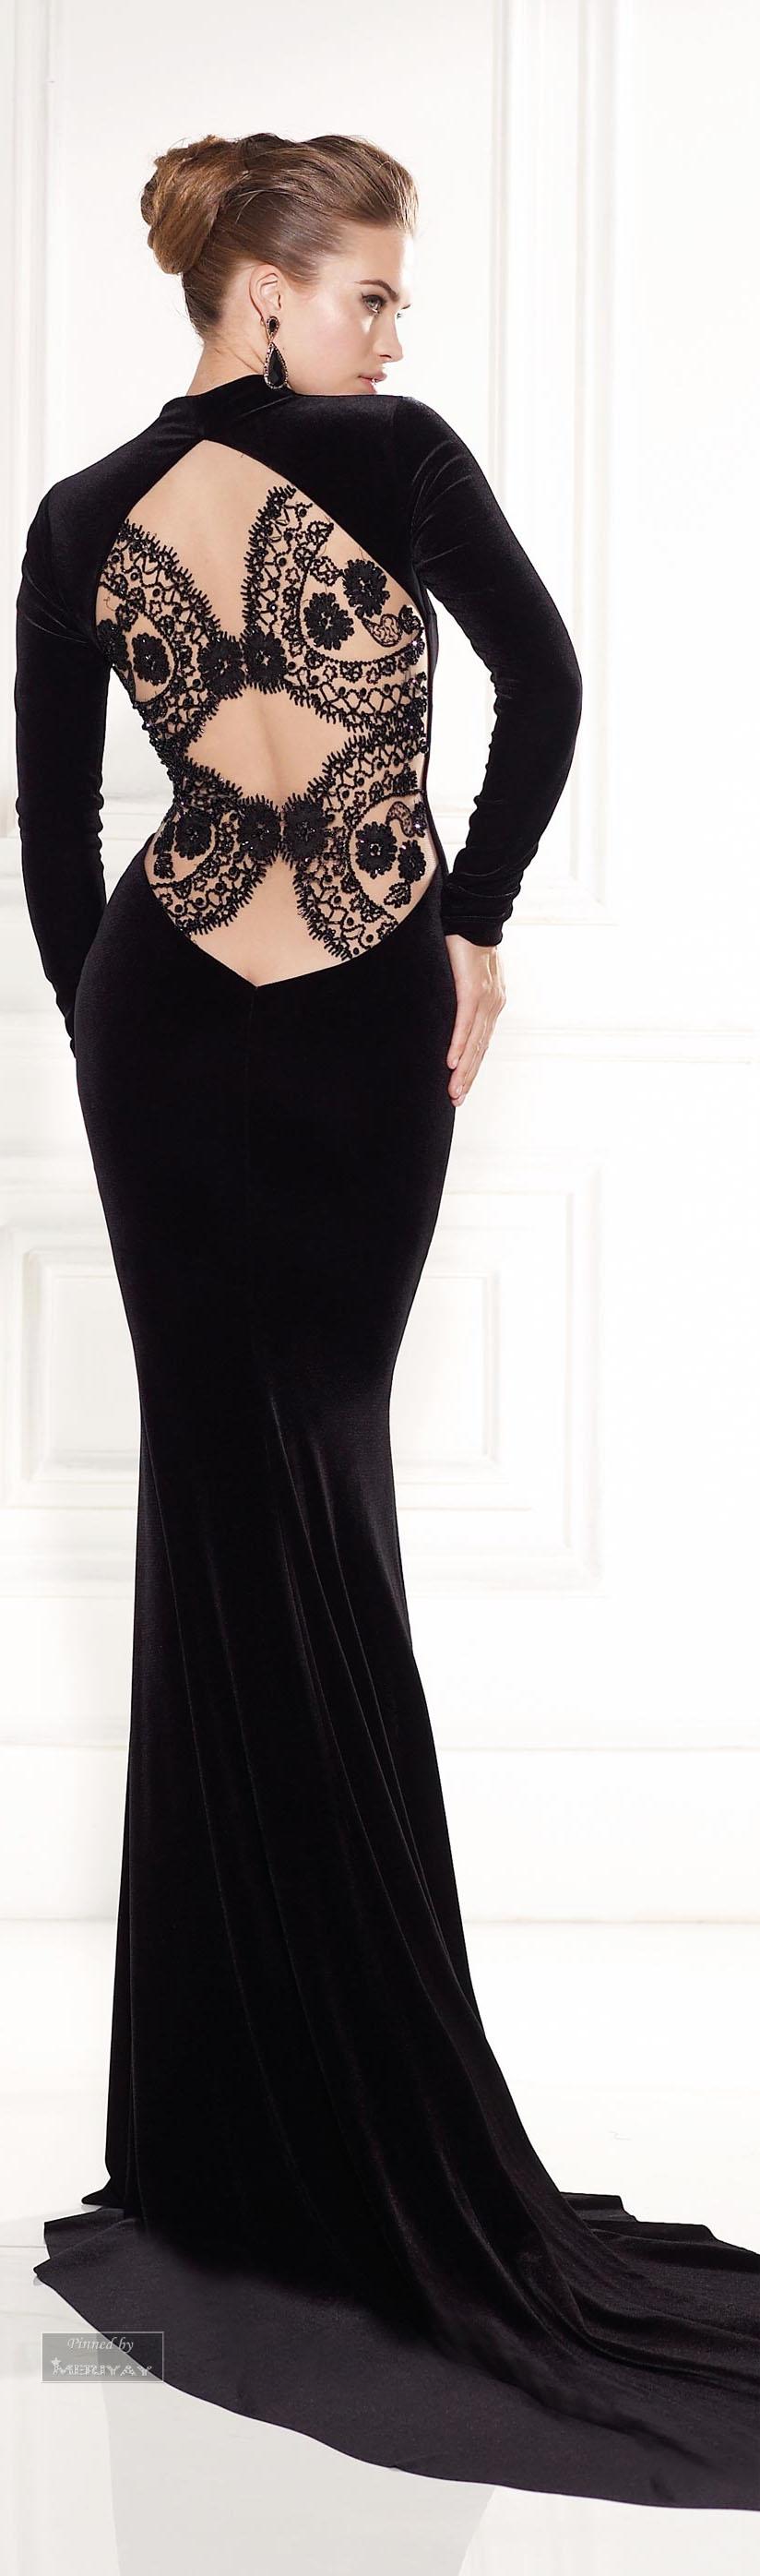 Tarik edizevening dress dress pinterest evening dress